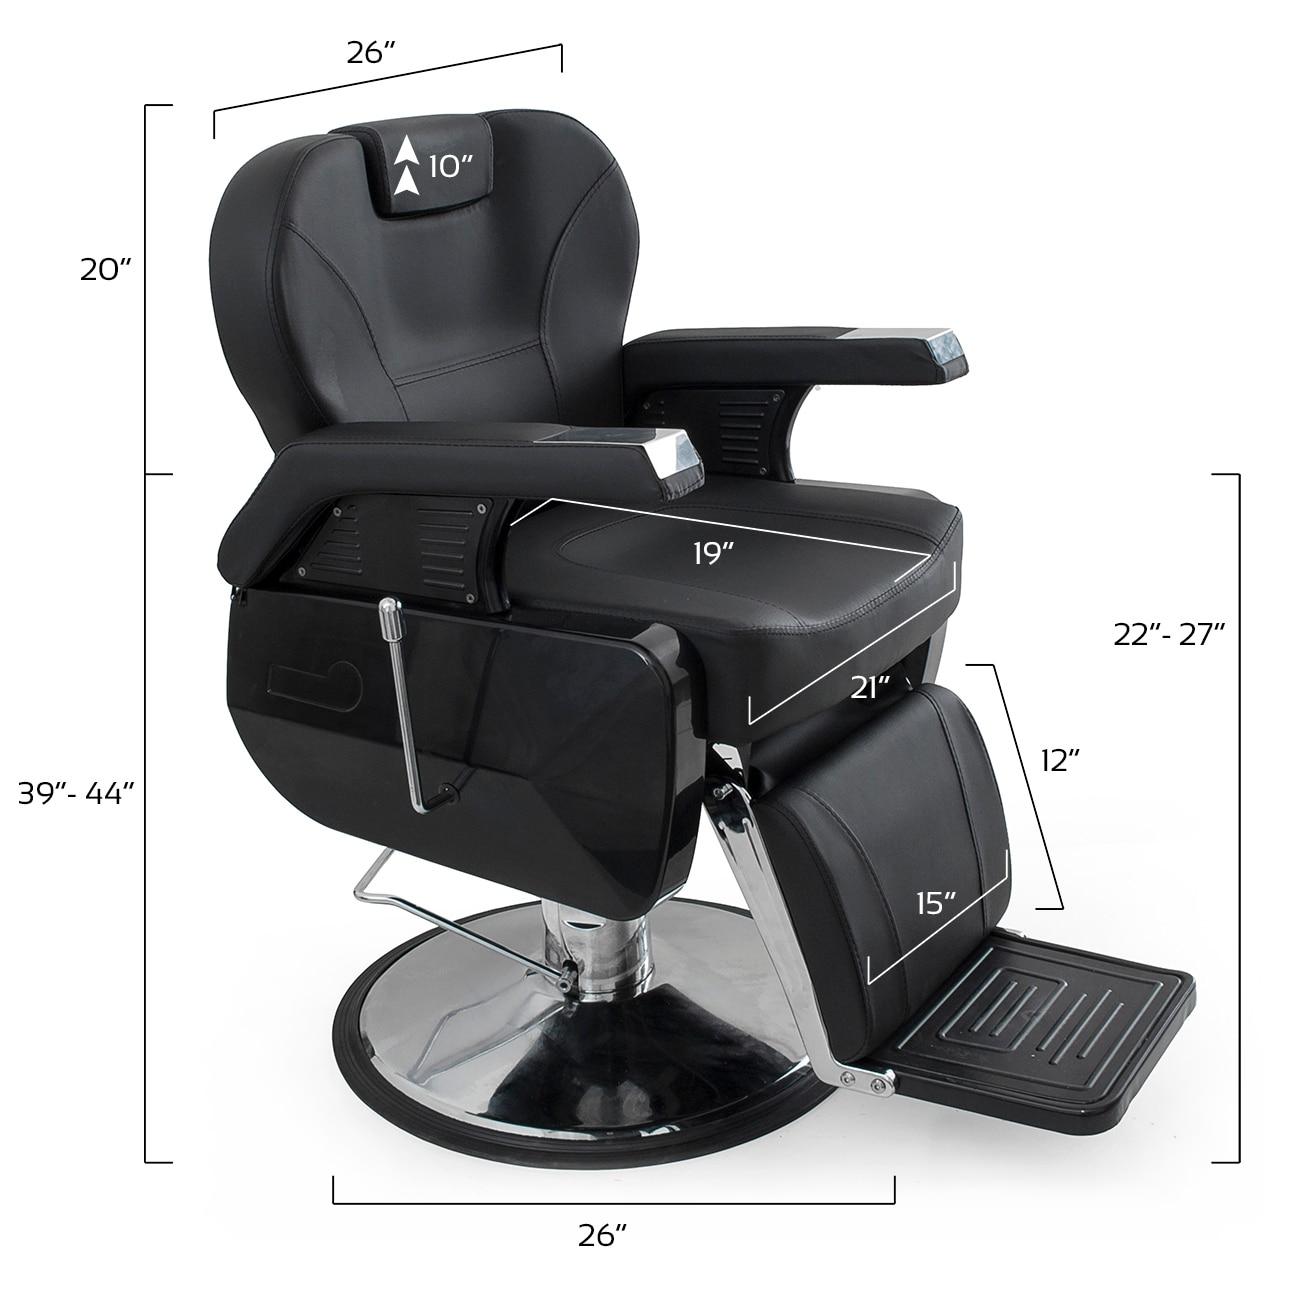 Bellavie Deluxe Hydraulic Barber Chair Overstock 15893317